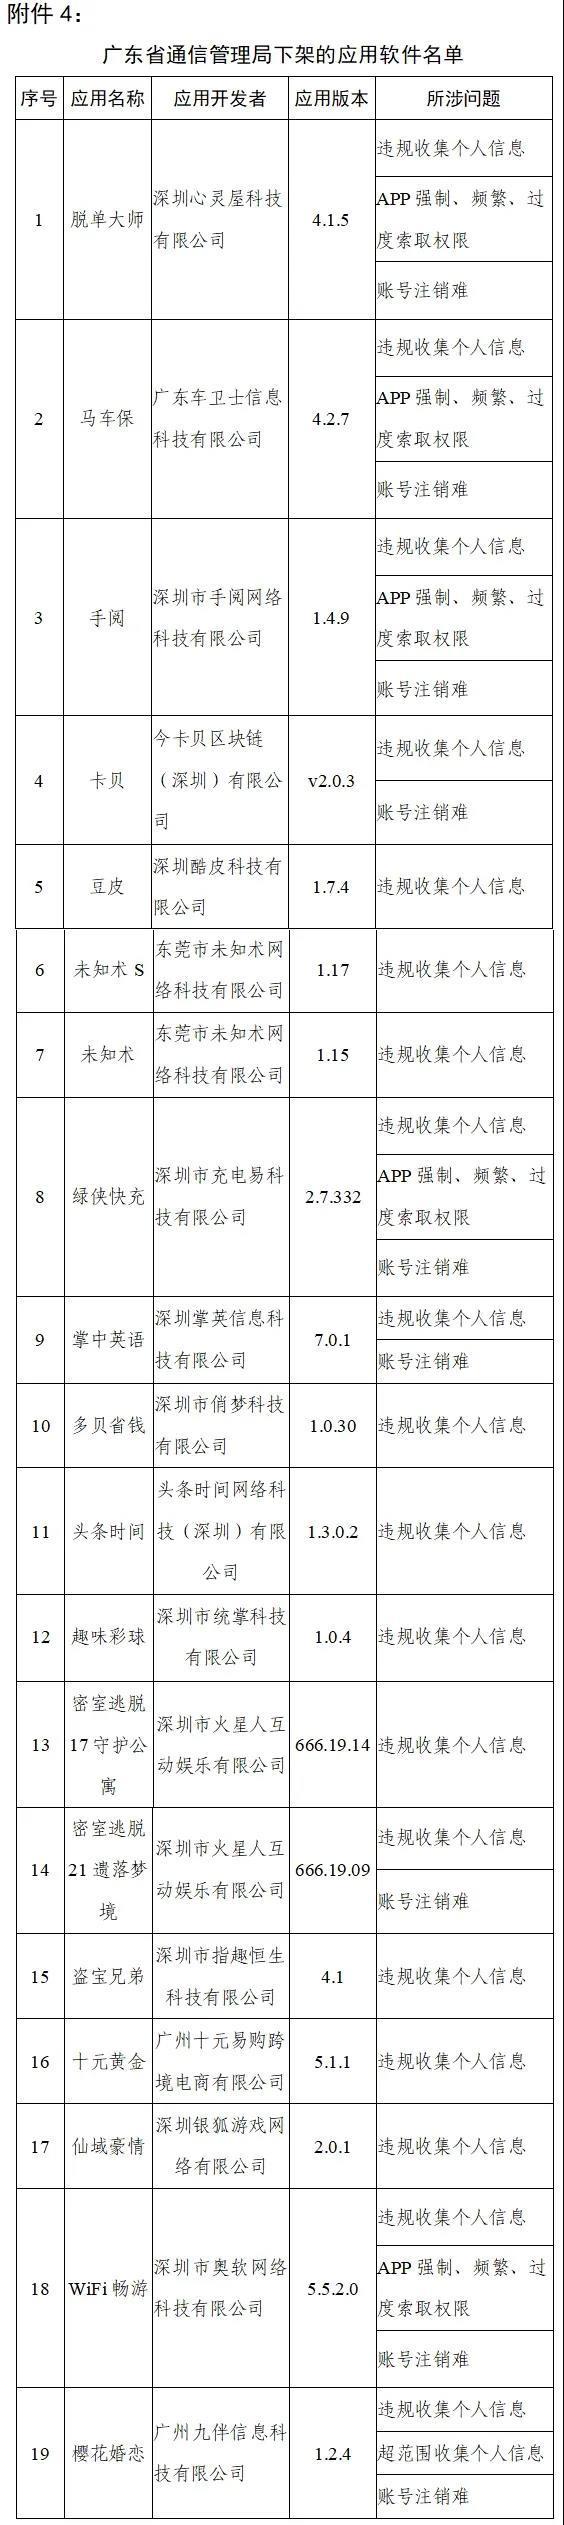 曹縣的小鎮經濟學陶鳳